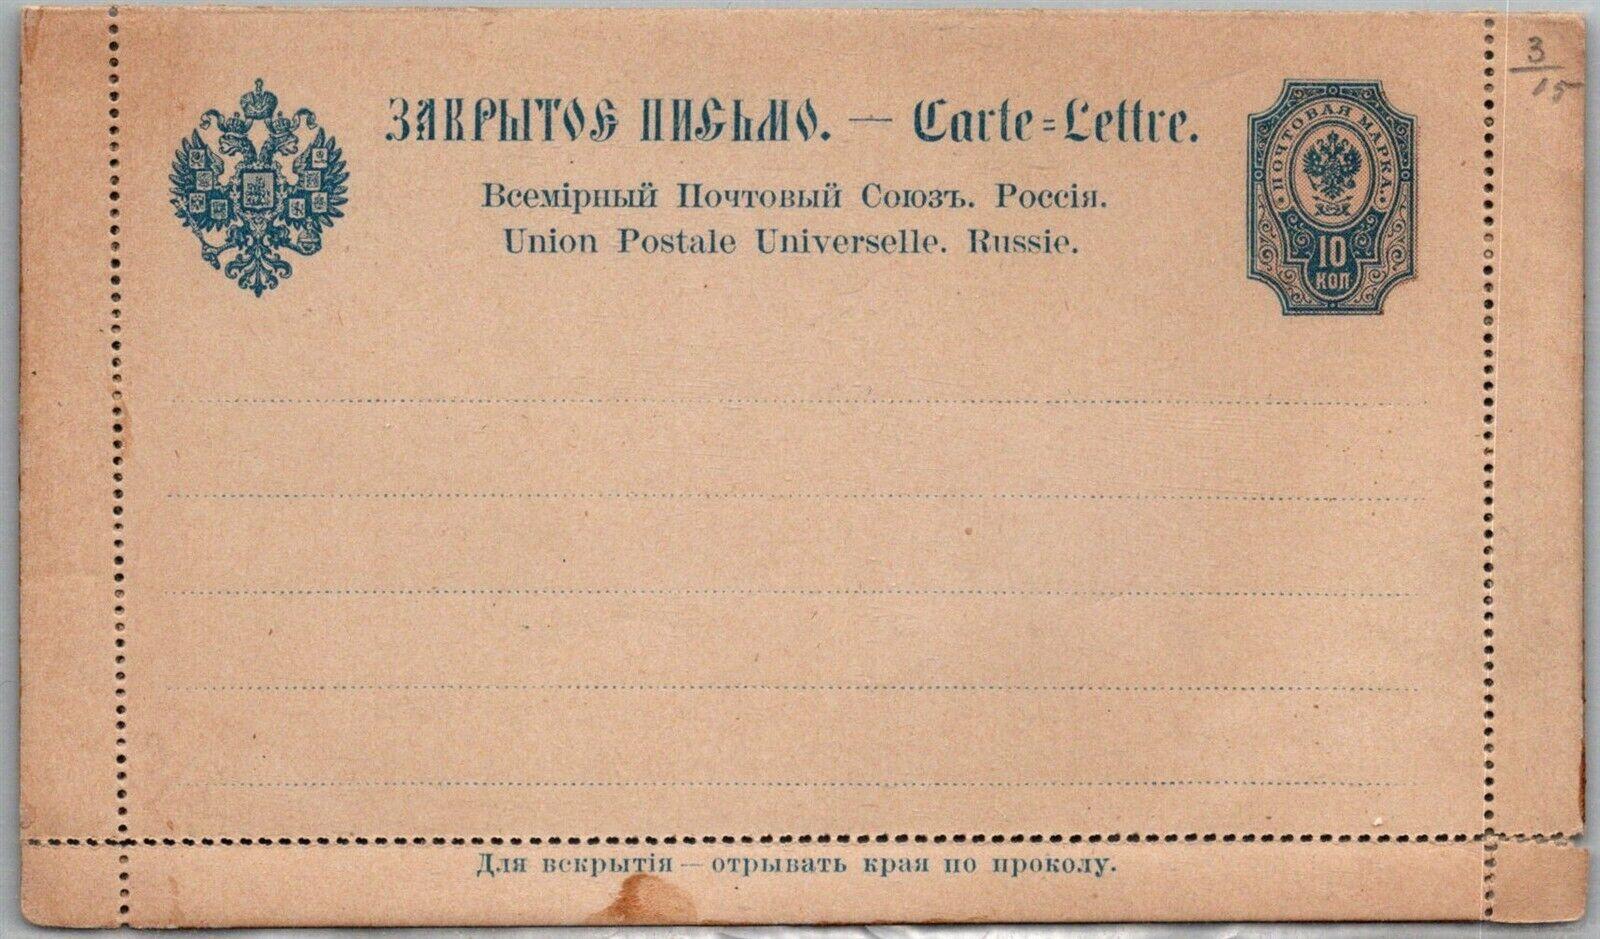 GP GOLDPATH RUSSIA POSTAL CARD MINT CV776 P01 - $1.80